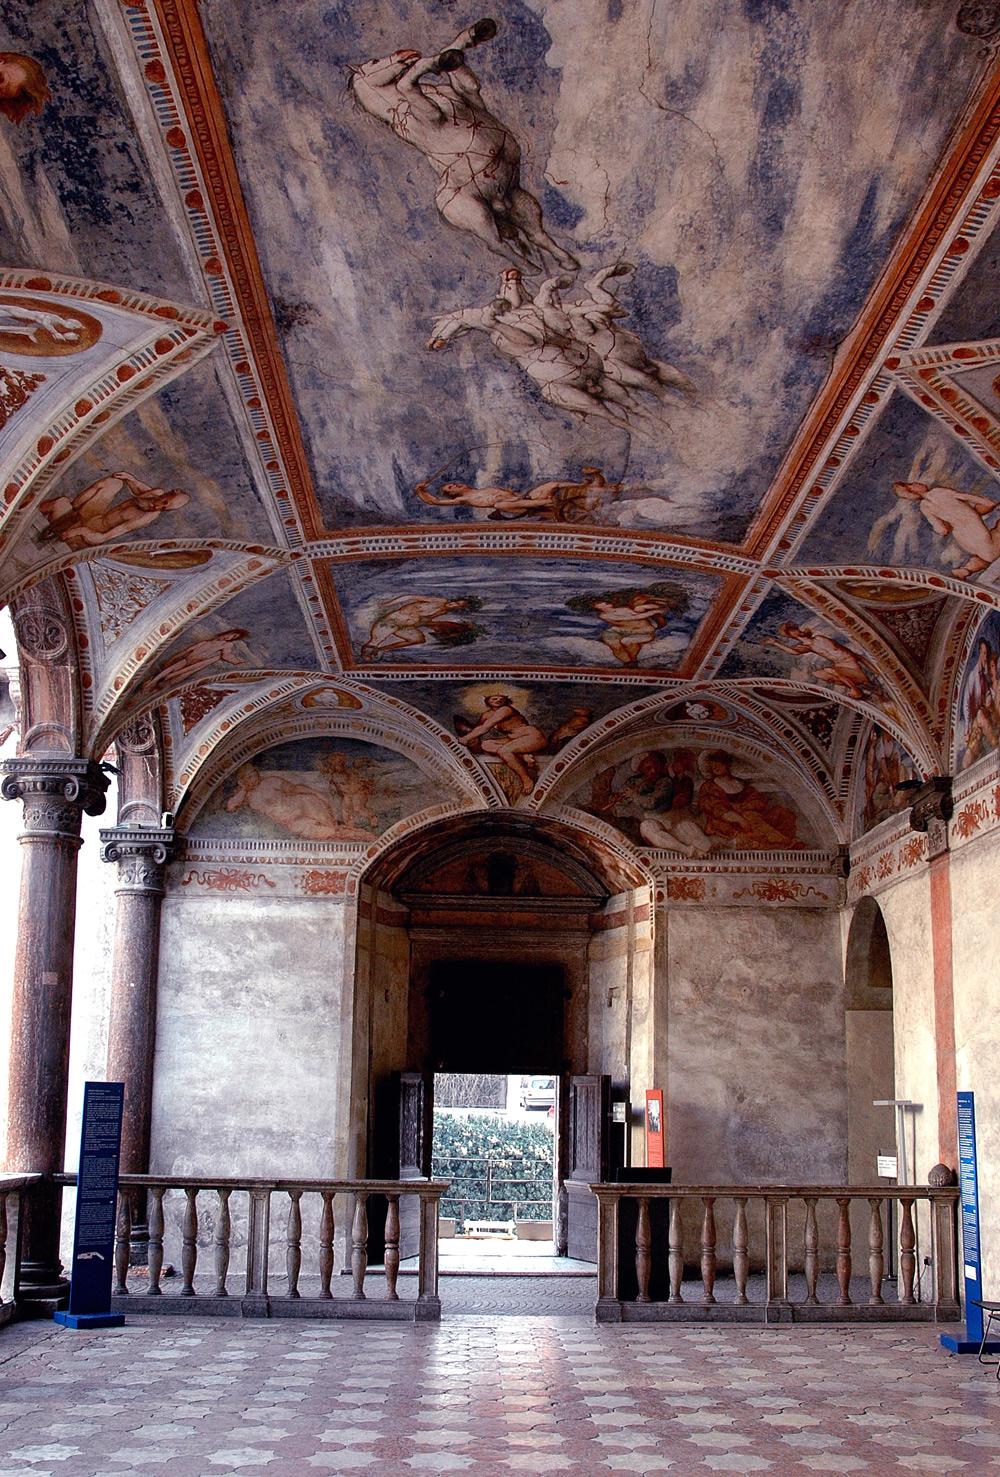 Romanino, Affreschi della Loggia Grande del Magno Palazzo (1531-1532; affreschi; Trento, Castello del Buonconsiglio). Ph. Credit D. Lira